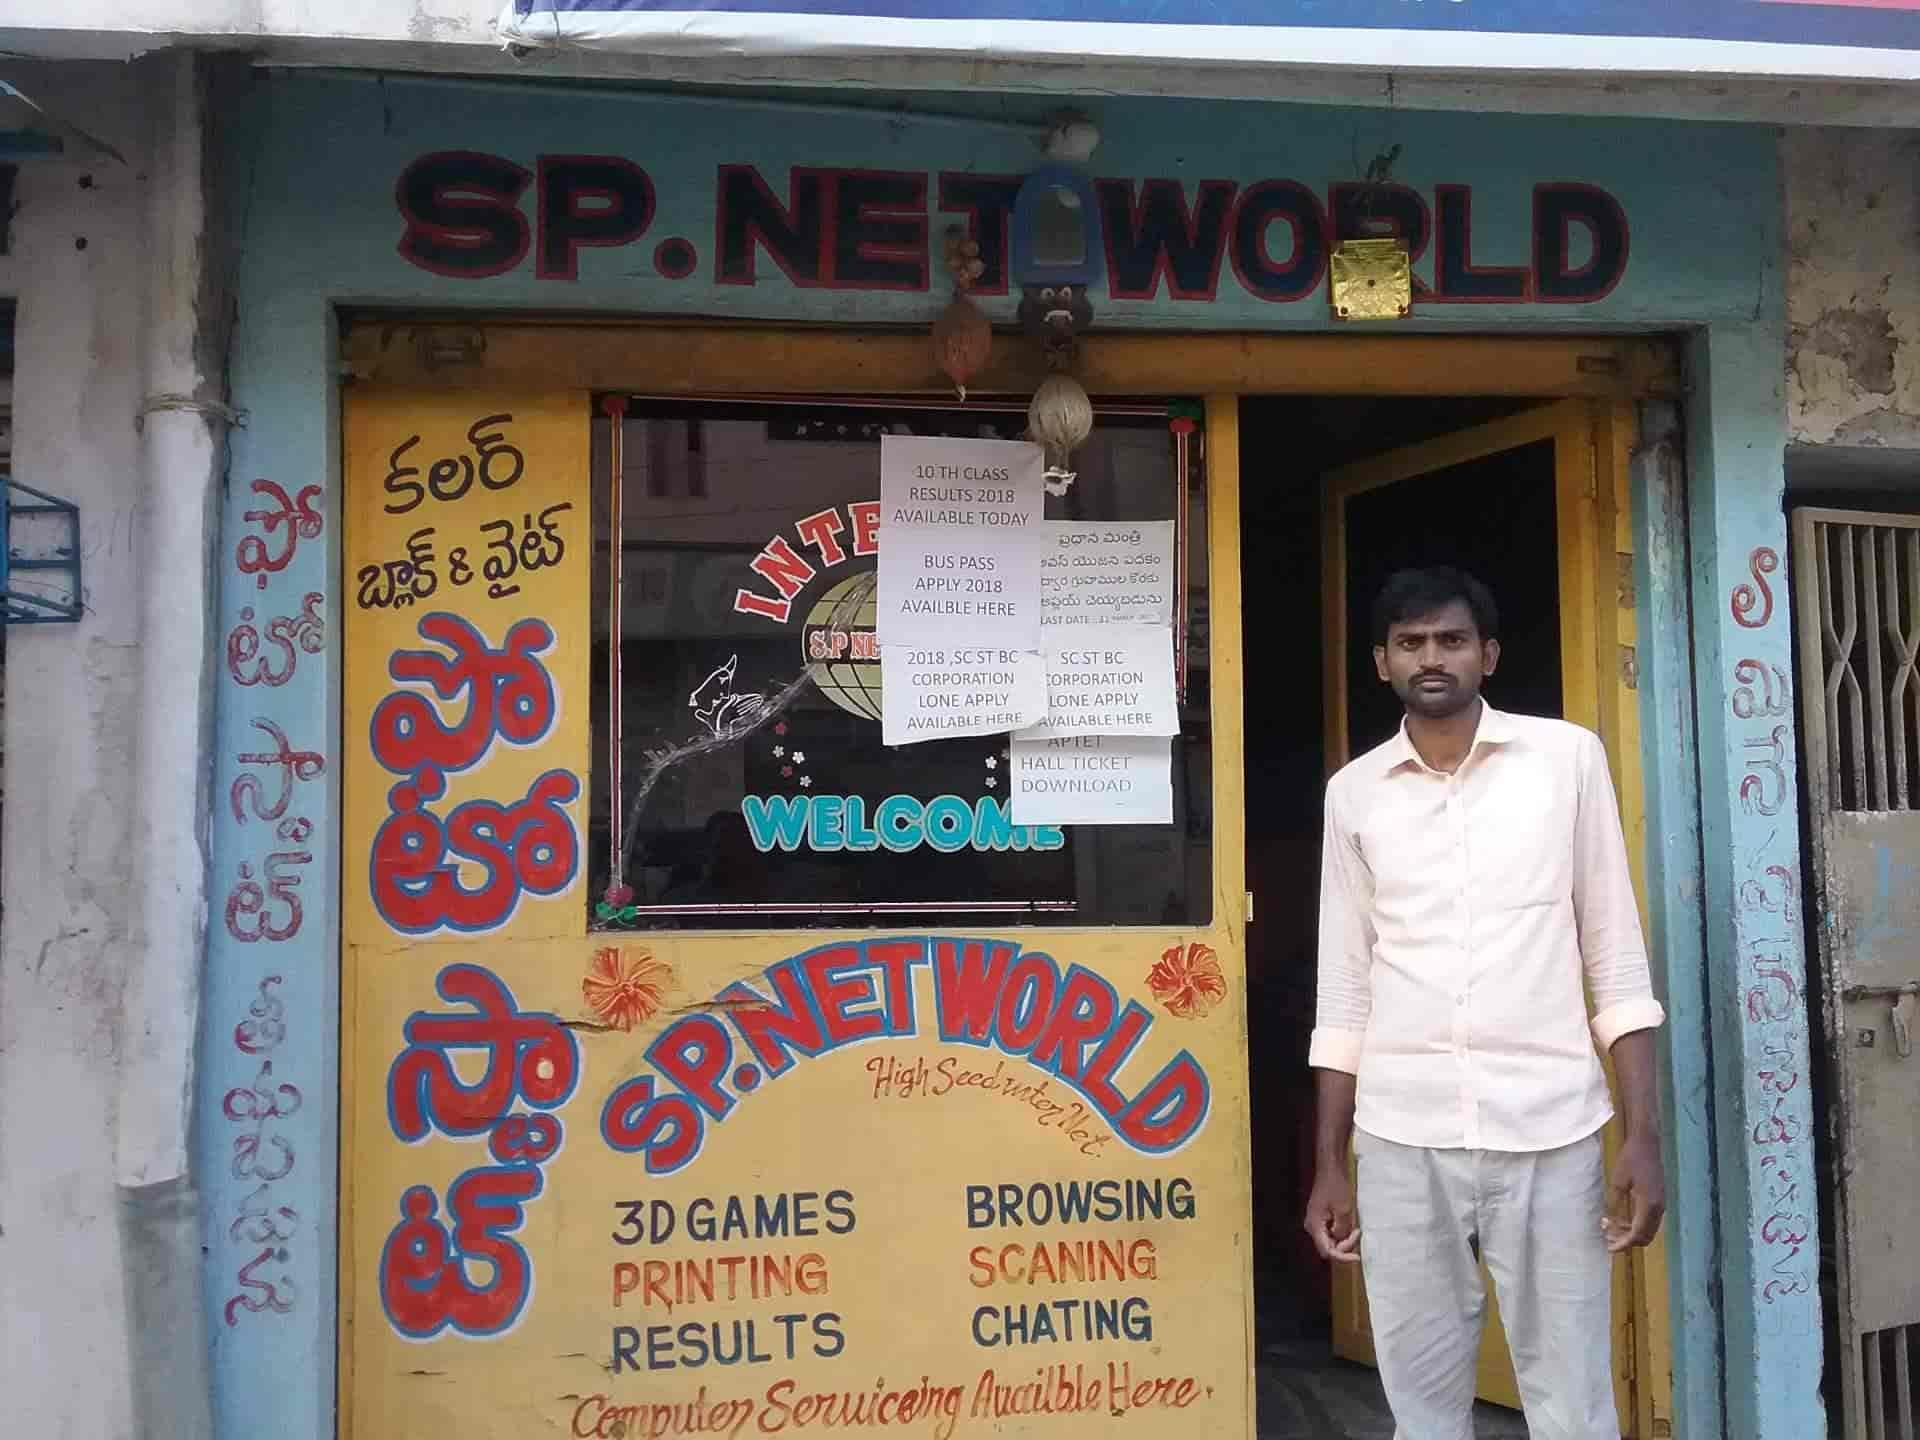 S P Net World Photos, Old Guntur, Guntur- Pictures & Images